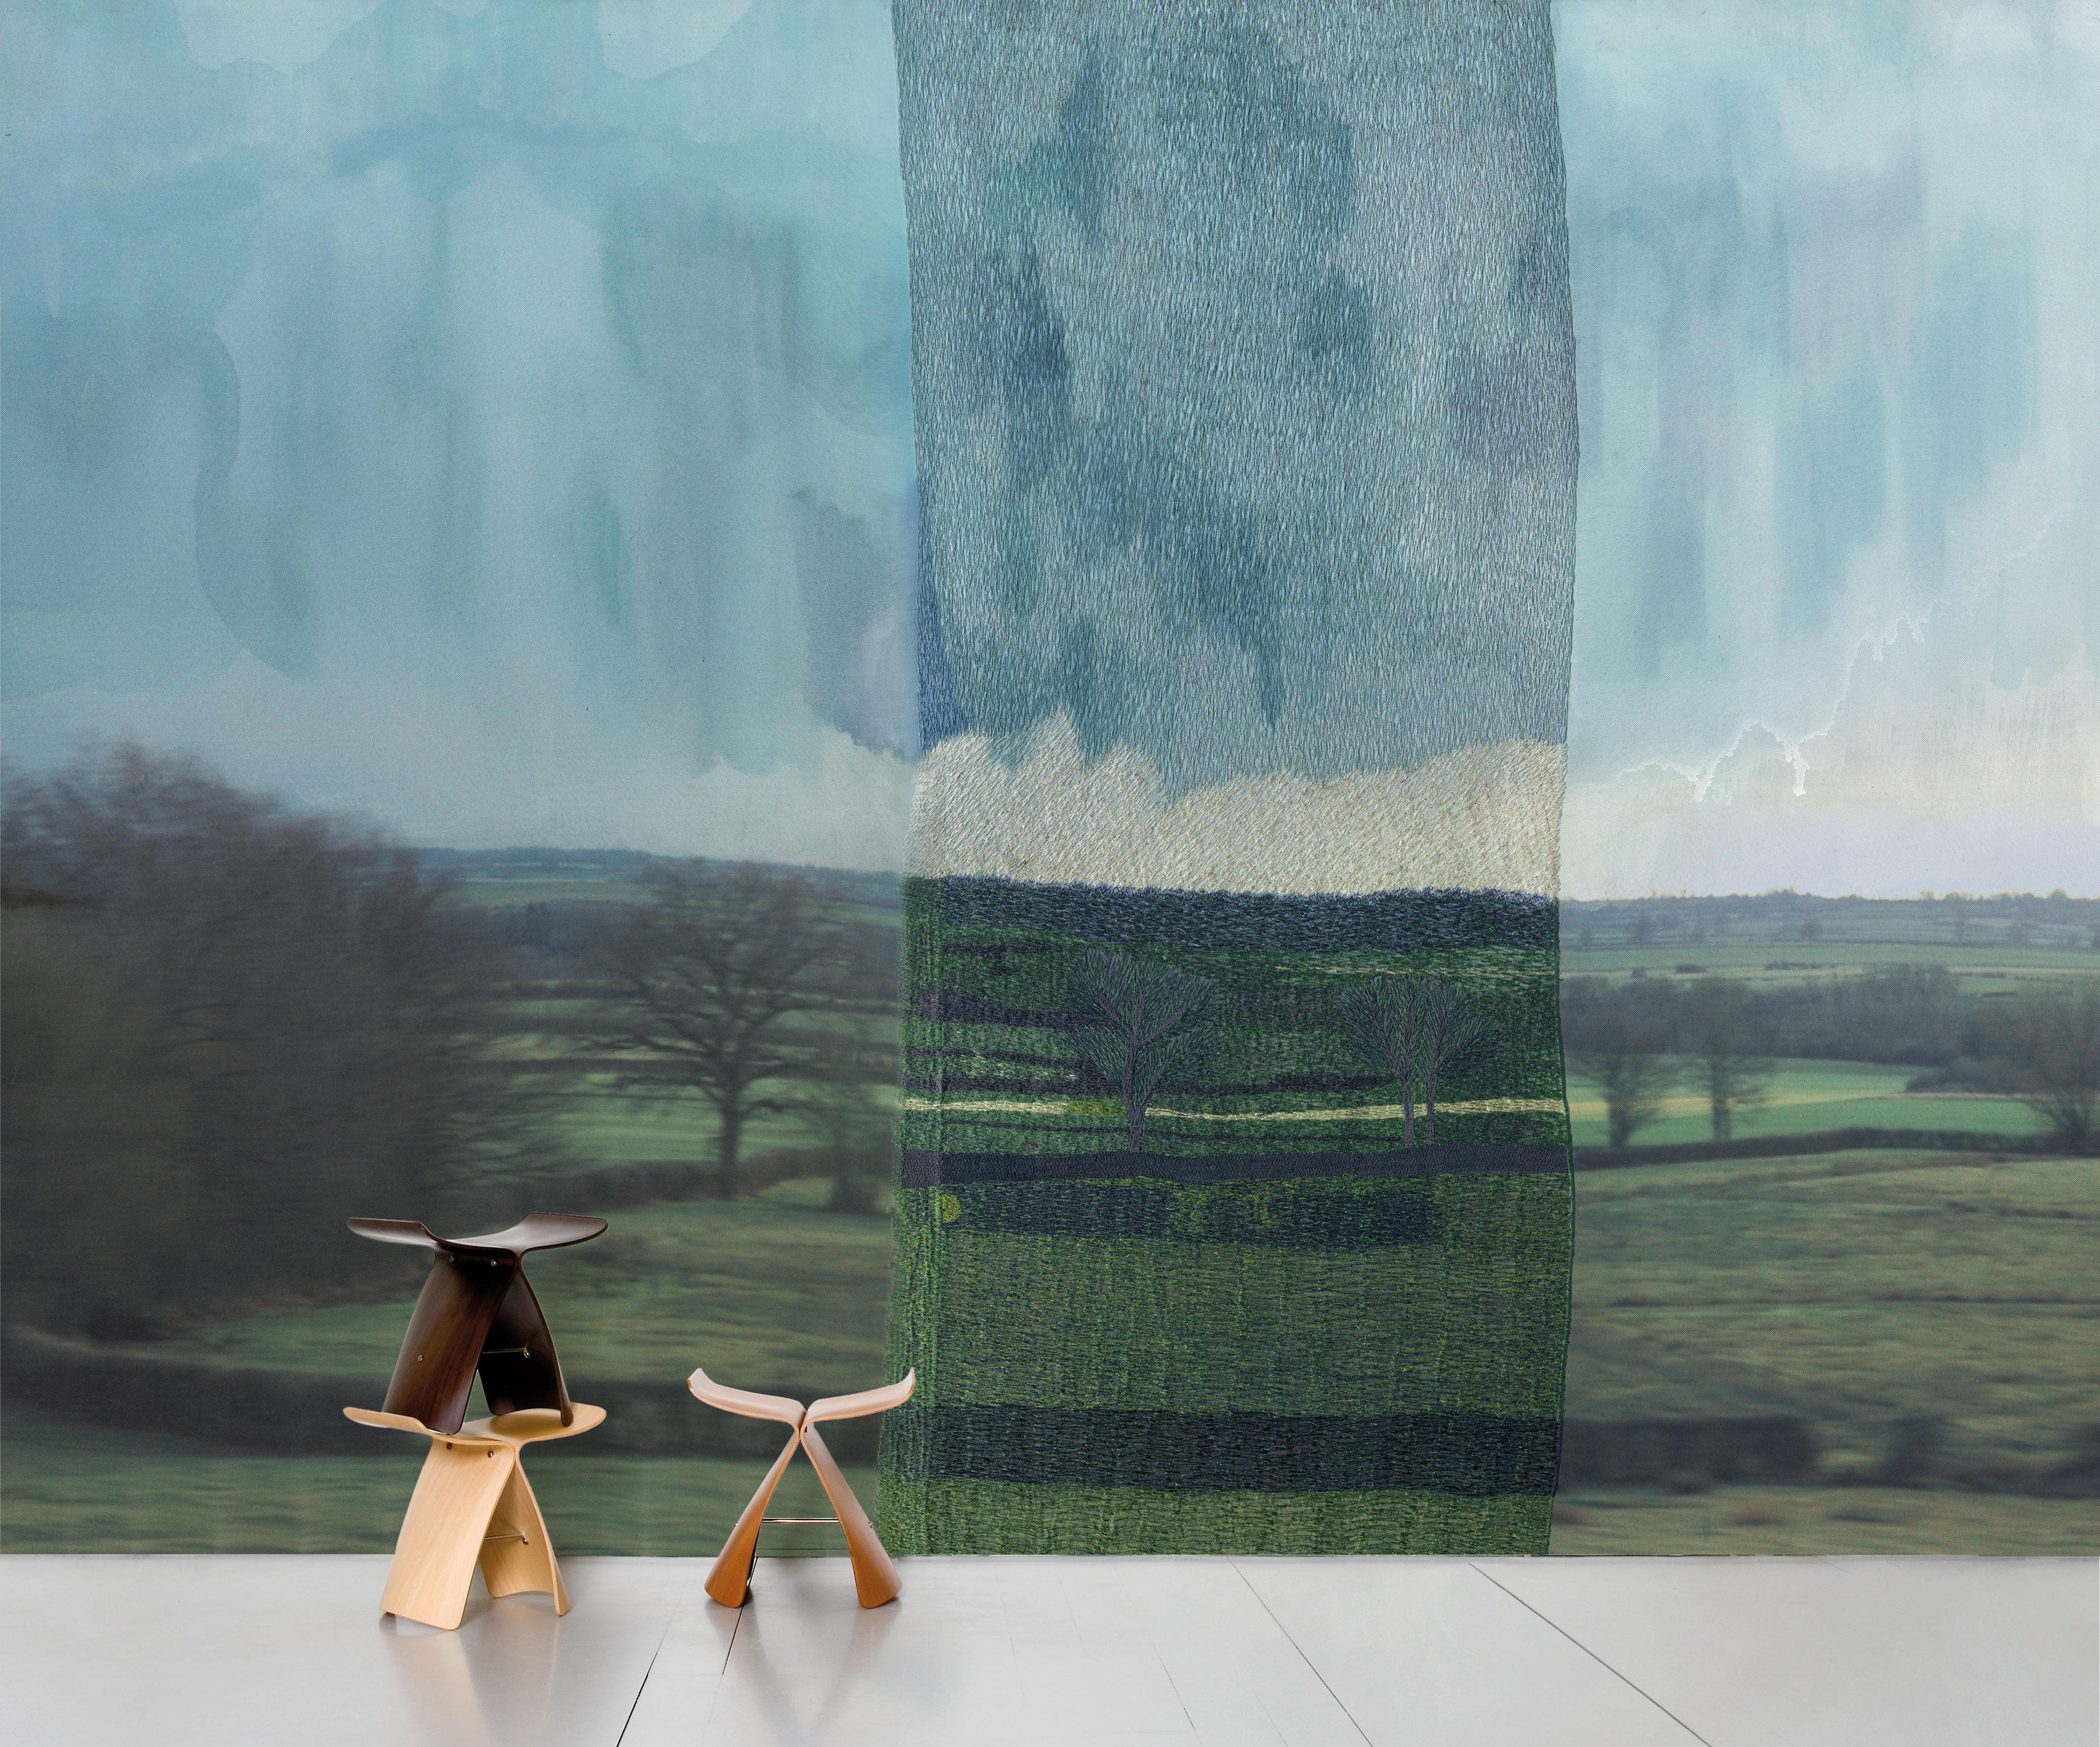 Decoration - Wallpaper & Wall Stickers - De l'autre côté, le calme Panoramic Wallpaper by Domestic - green, blue, black - Intisse paper